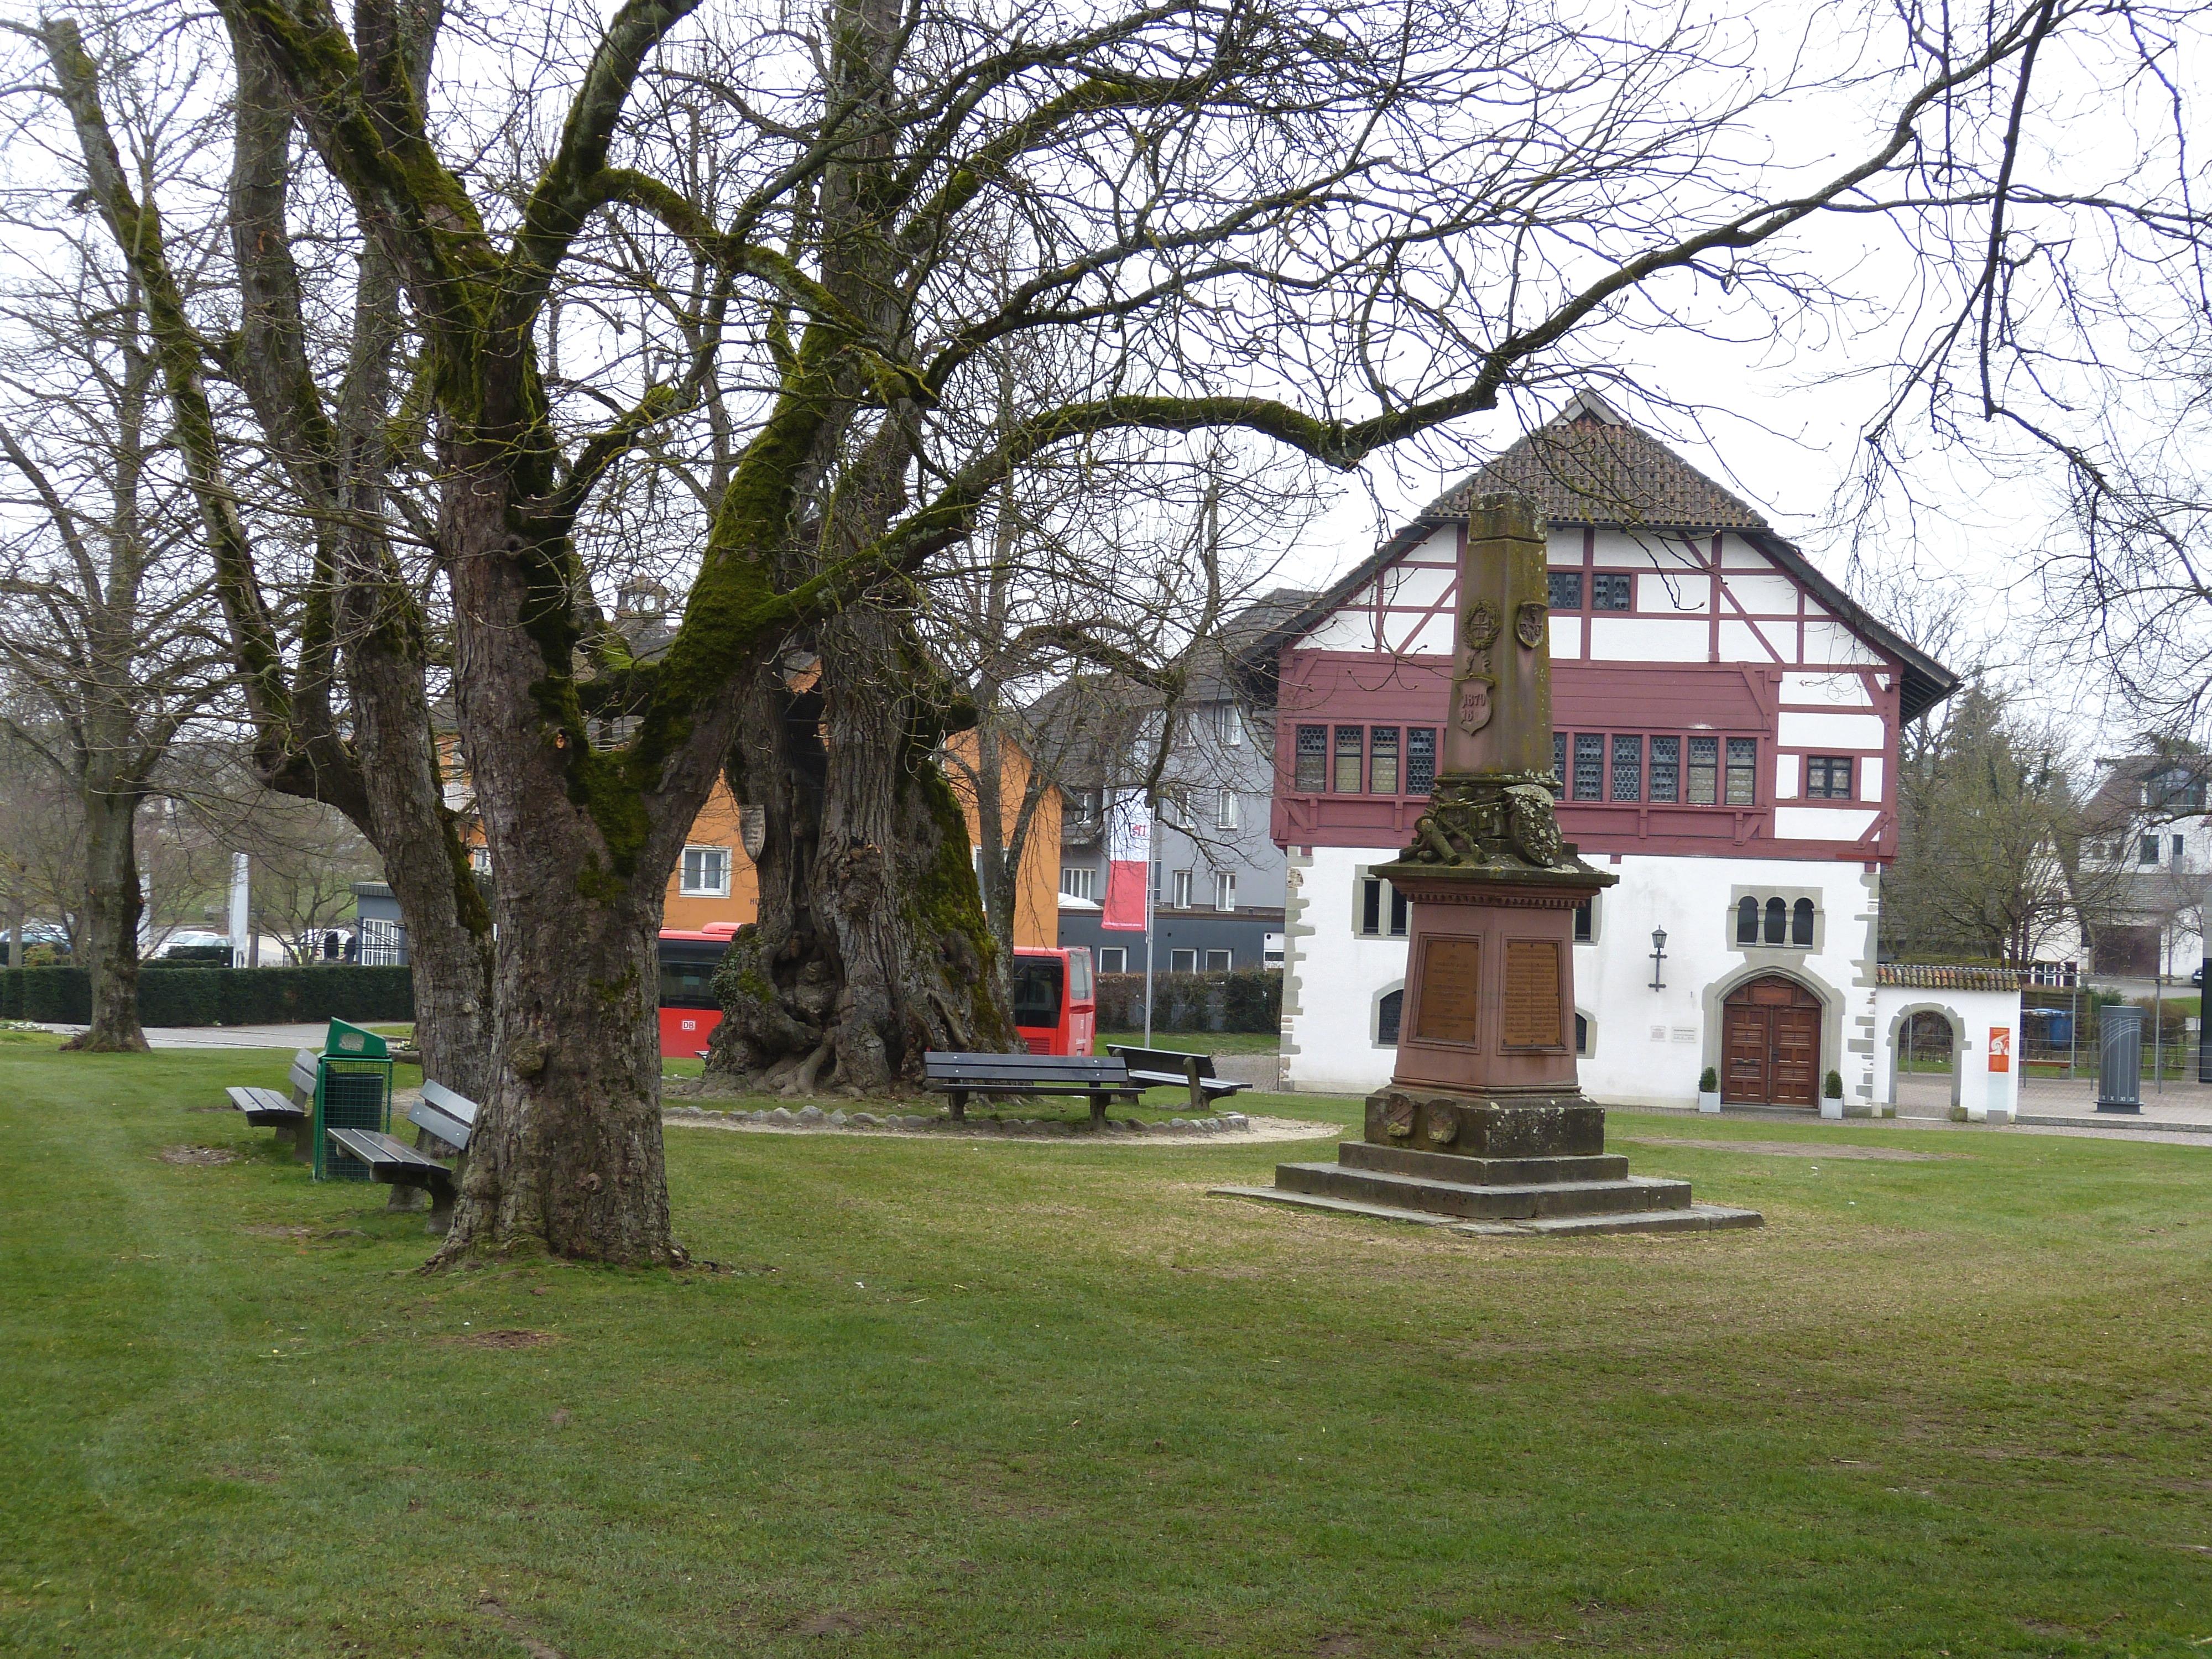 File:Reichenau Mittelzell - Ergat 1.jpg